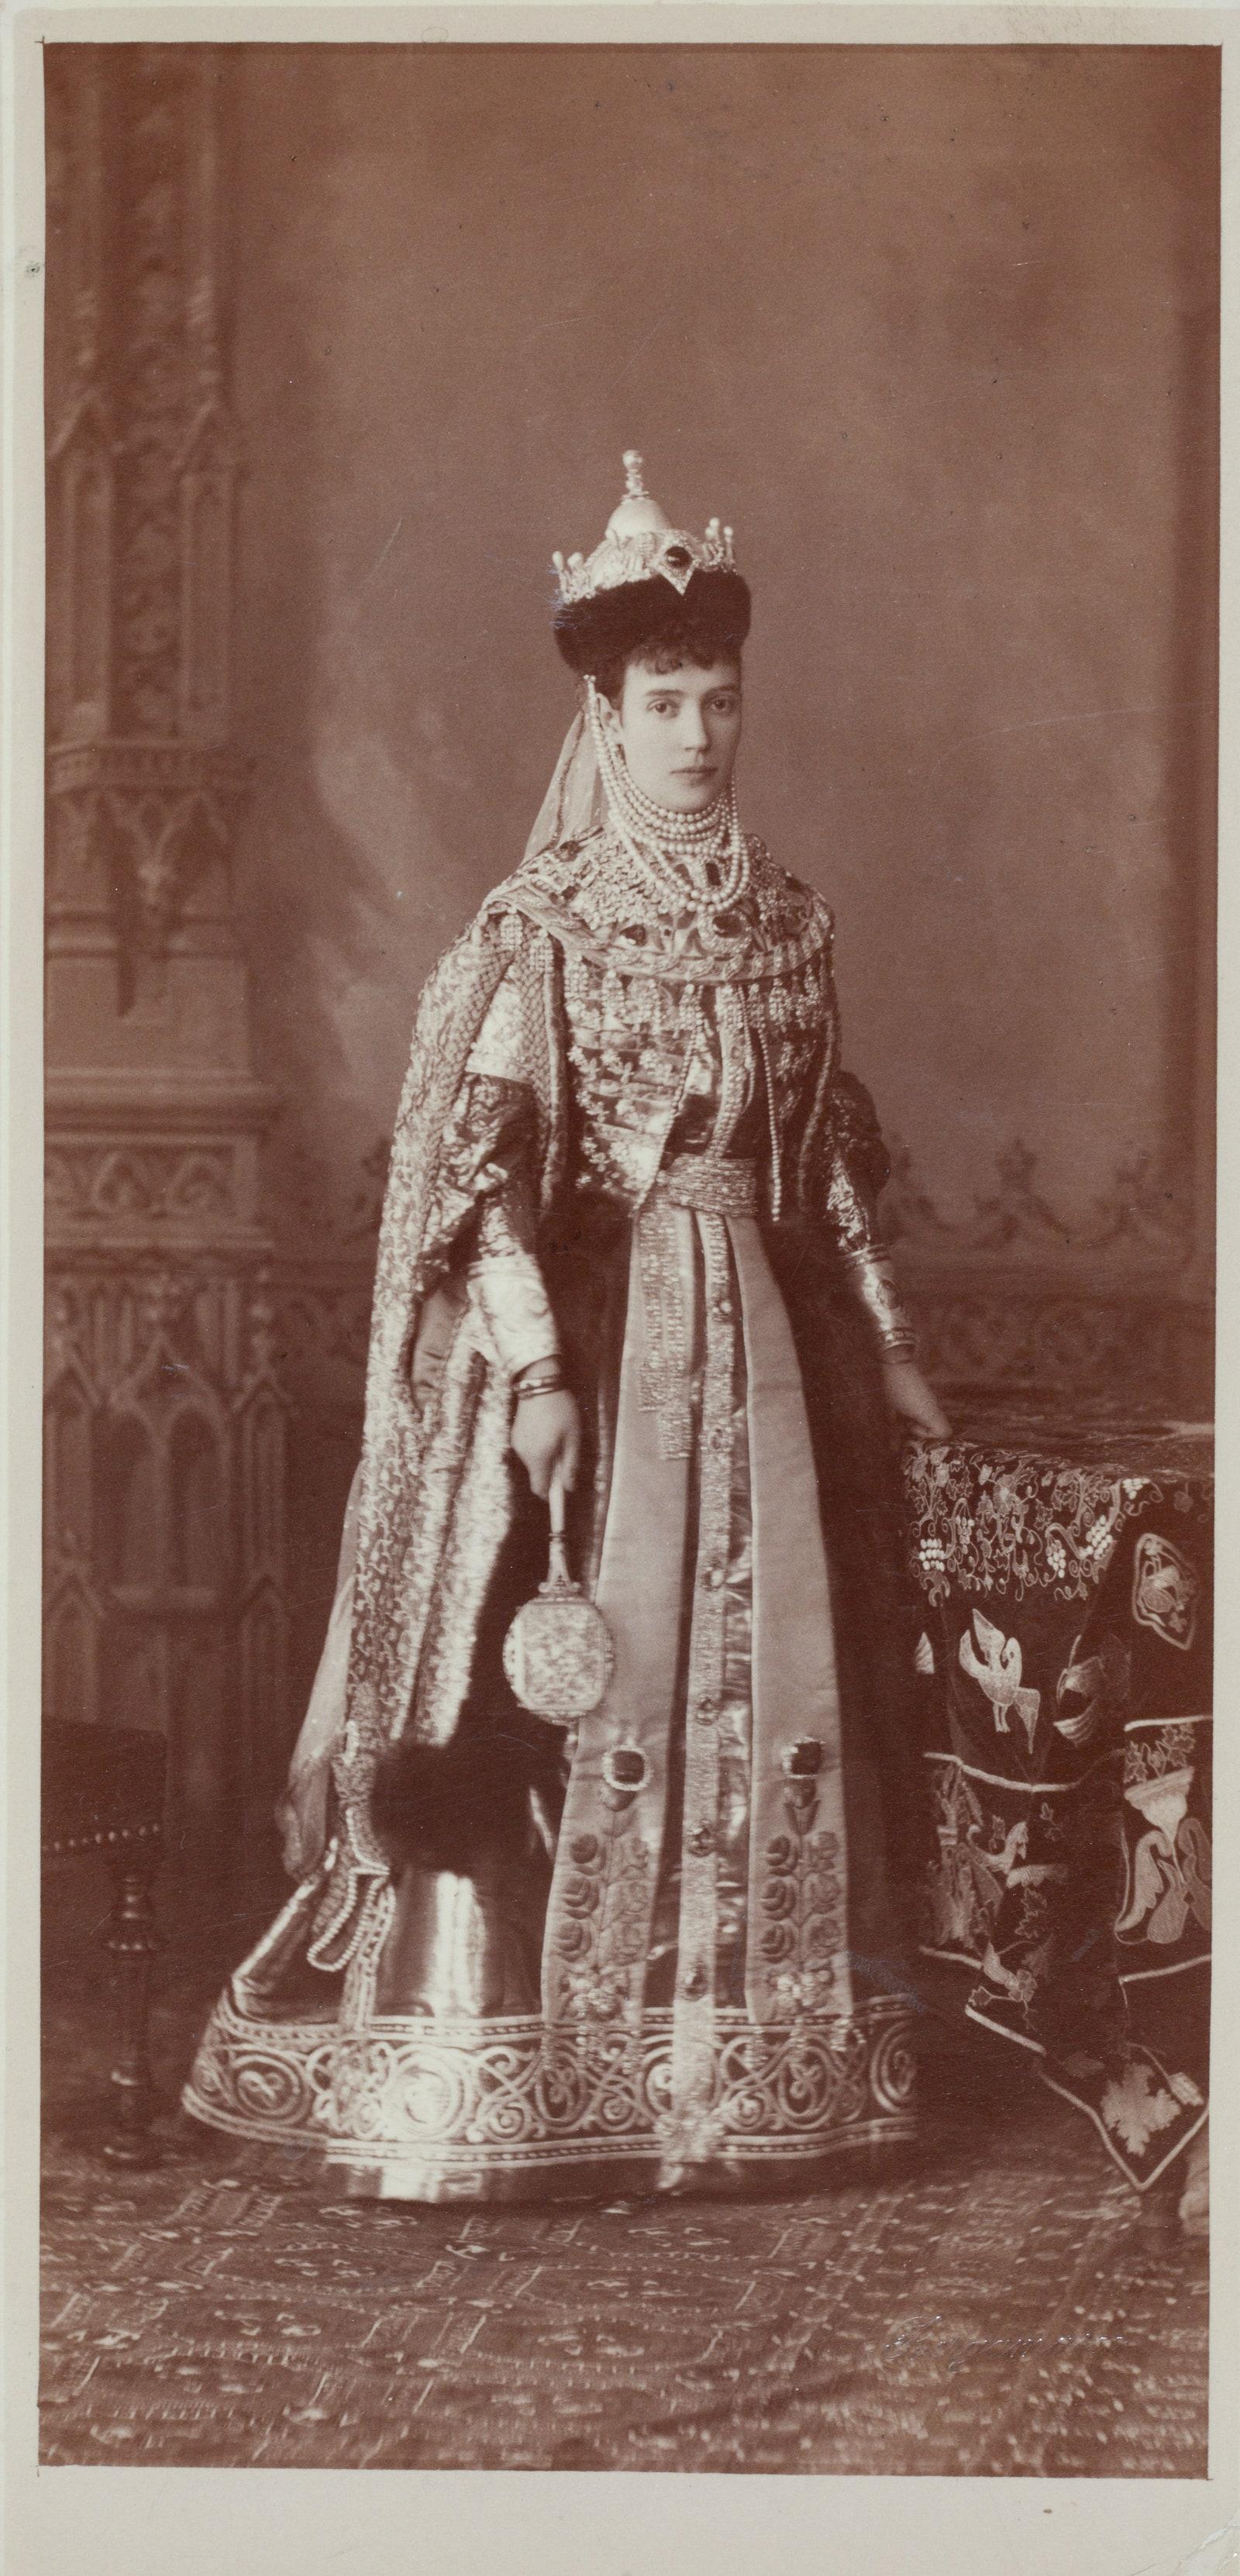 25  1883 .         .     III        .